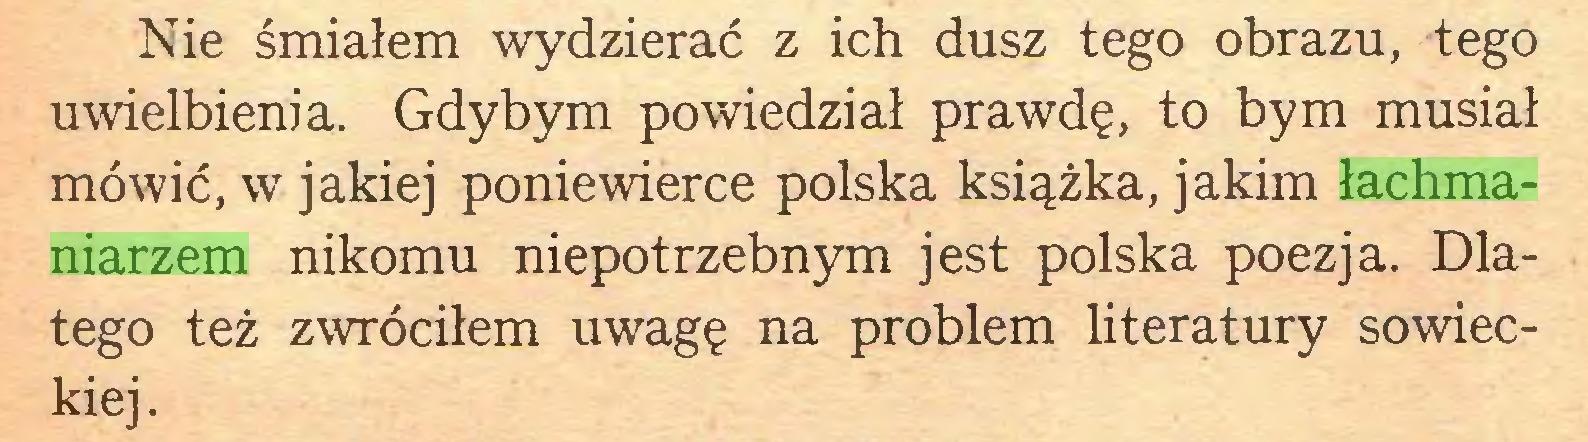 (...) Nie śmiałem wydzierać z ich dusz tego obrazu, tego uwielbienia. Gdybym powiedział prawdę, to bym musiał mówić, w jakiej poniewierce polska książka, jakim łachmaniarzem nikomu niepotrzebnym jest polska poezja. Dlatego też zwróciłem uwagę na problem literatury sowieckiej...